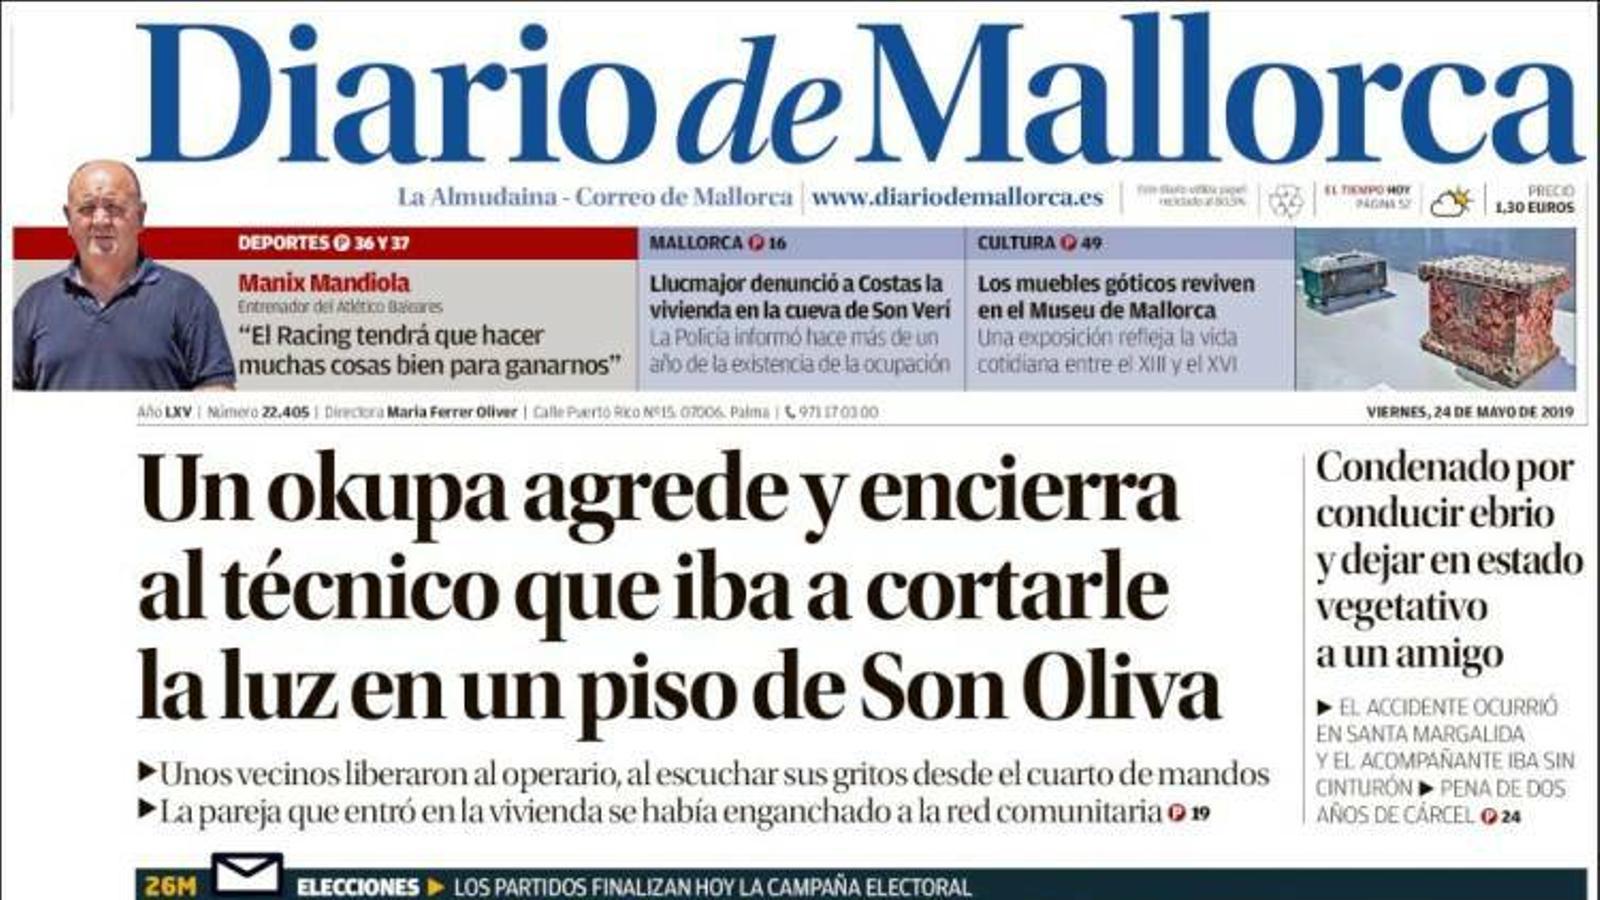 """""""Batet menysté el Suprem per no suspendre els presos"""", portada de 'Diario de Mallorca'"""